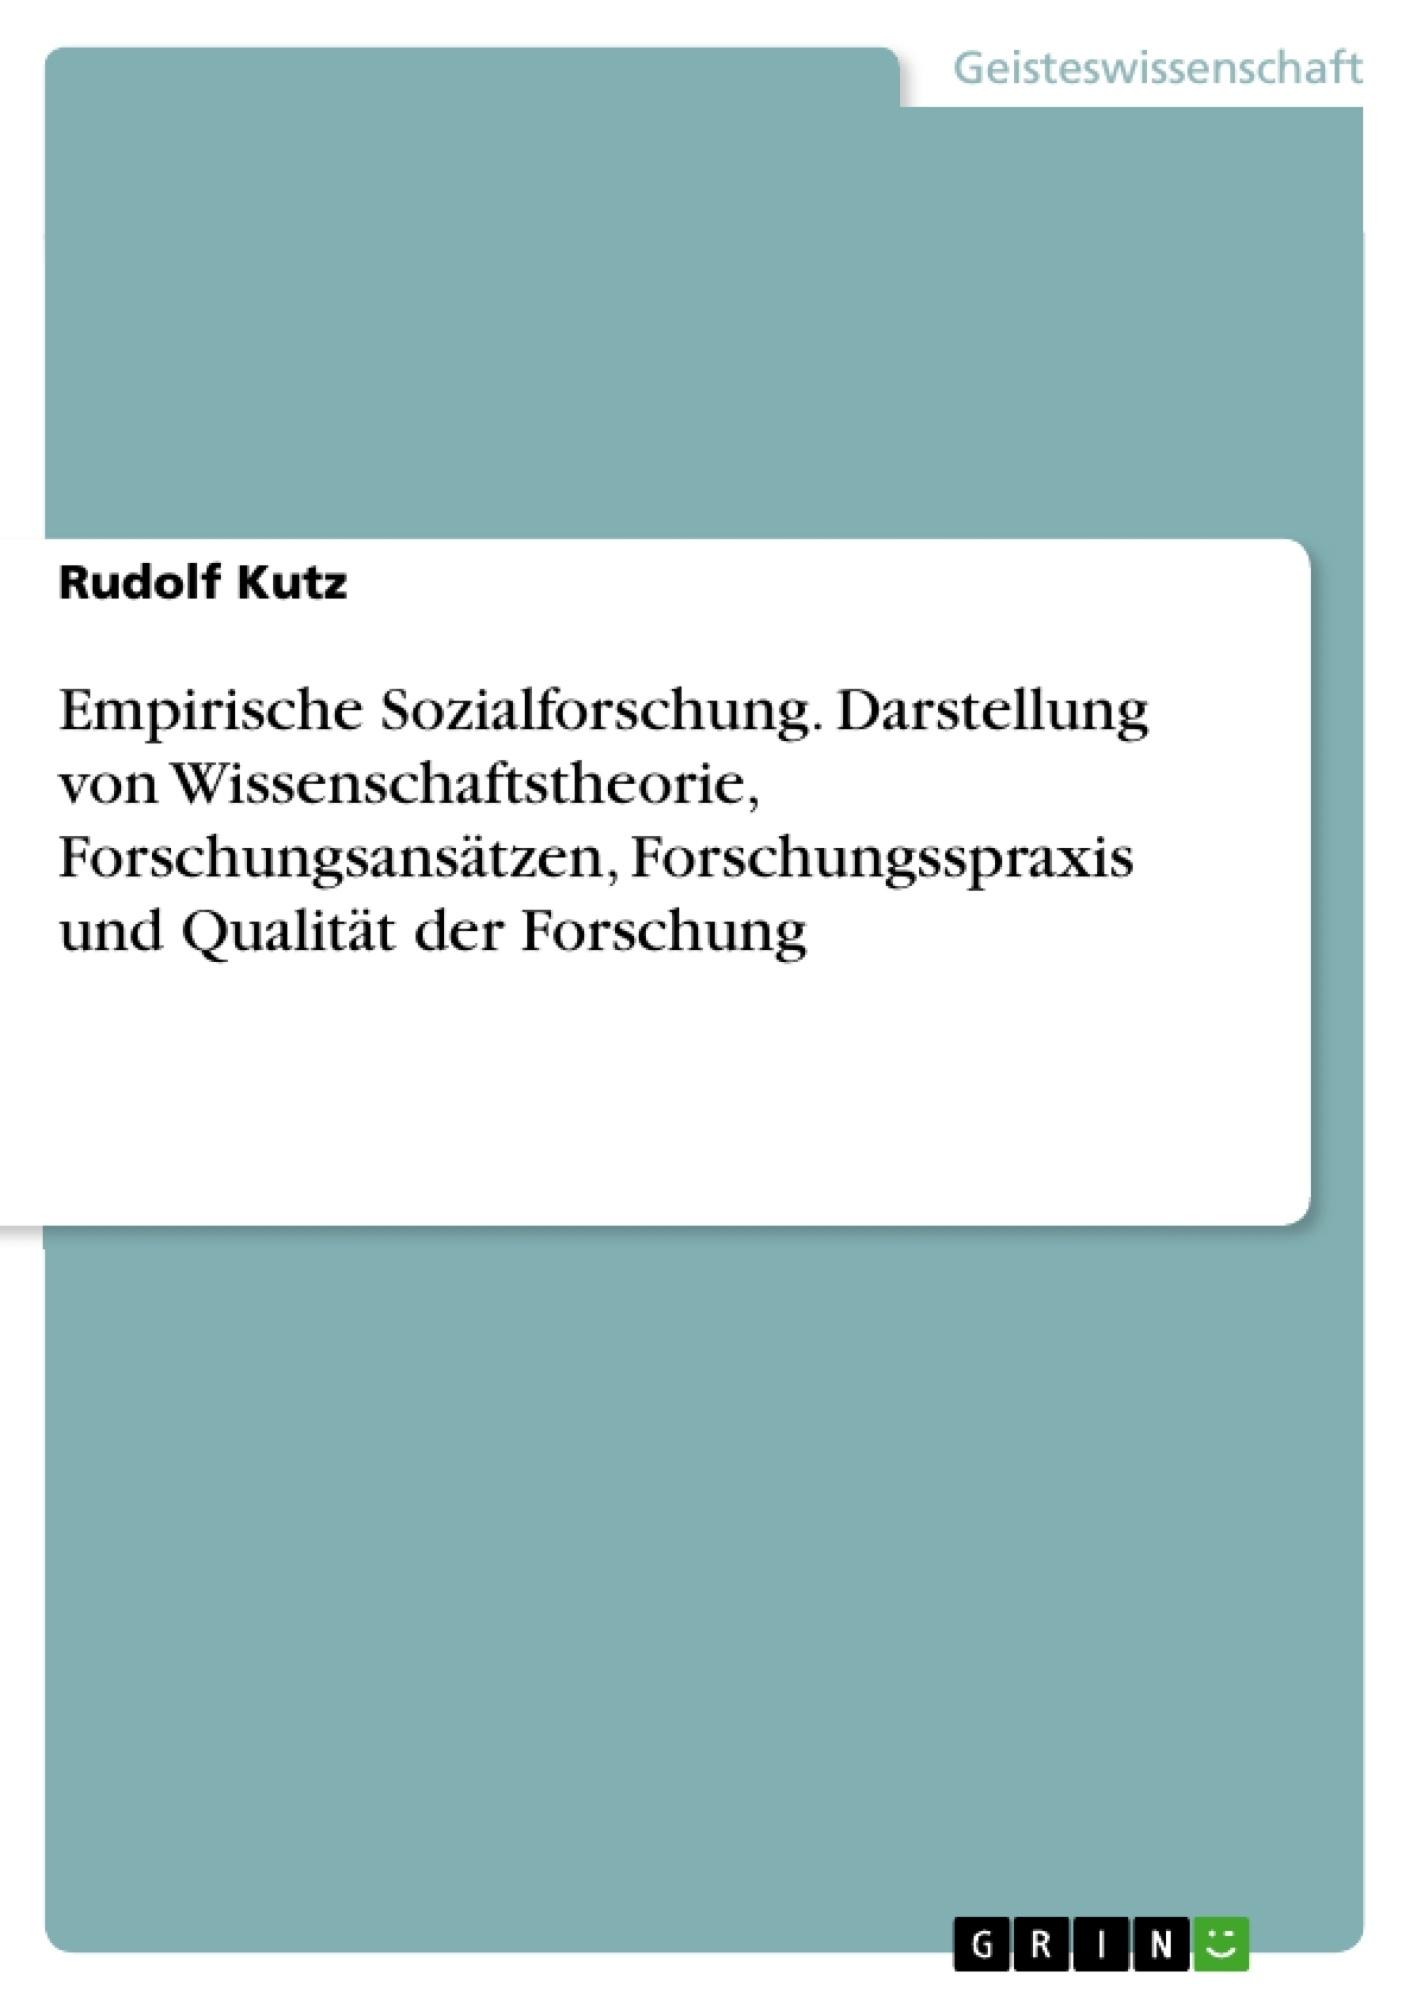 Titel: Empirische Sozialforschung.  Darstellung von Wissenschaftstheorie, Forschungsansätzen, Forschungsspraxis und Qualität der Forschung